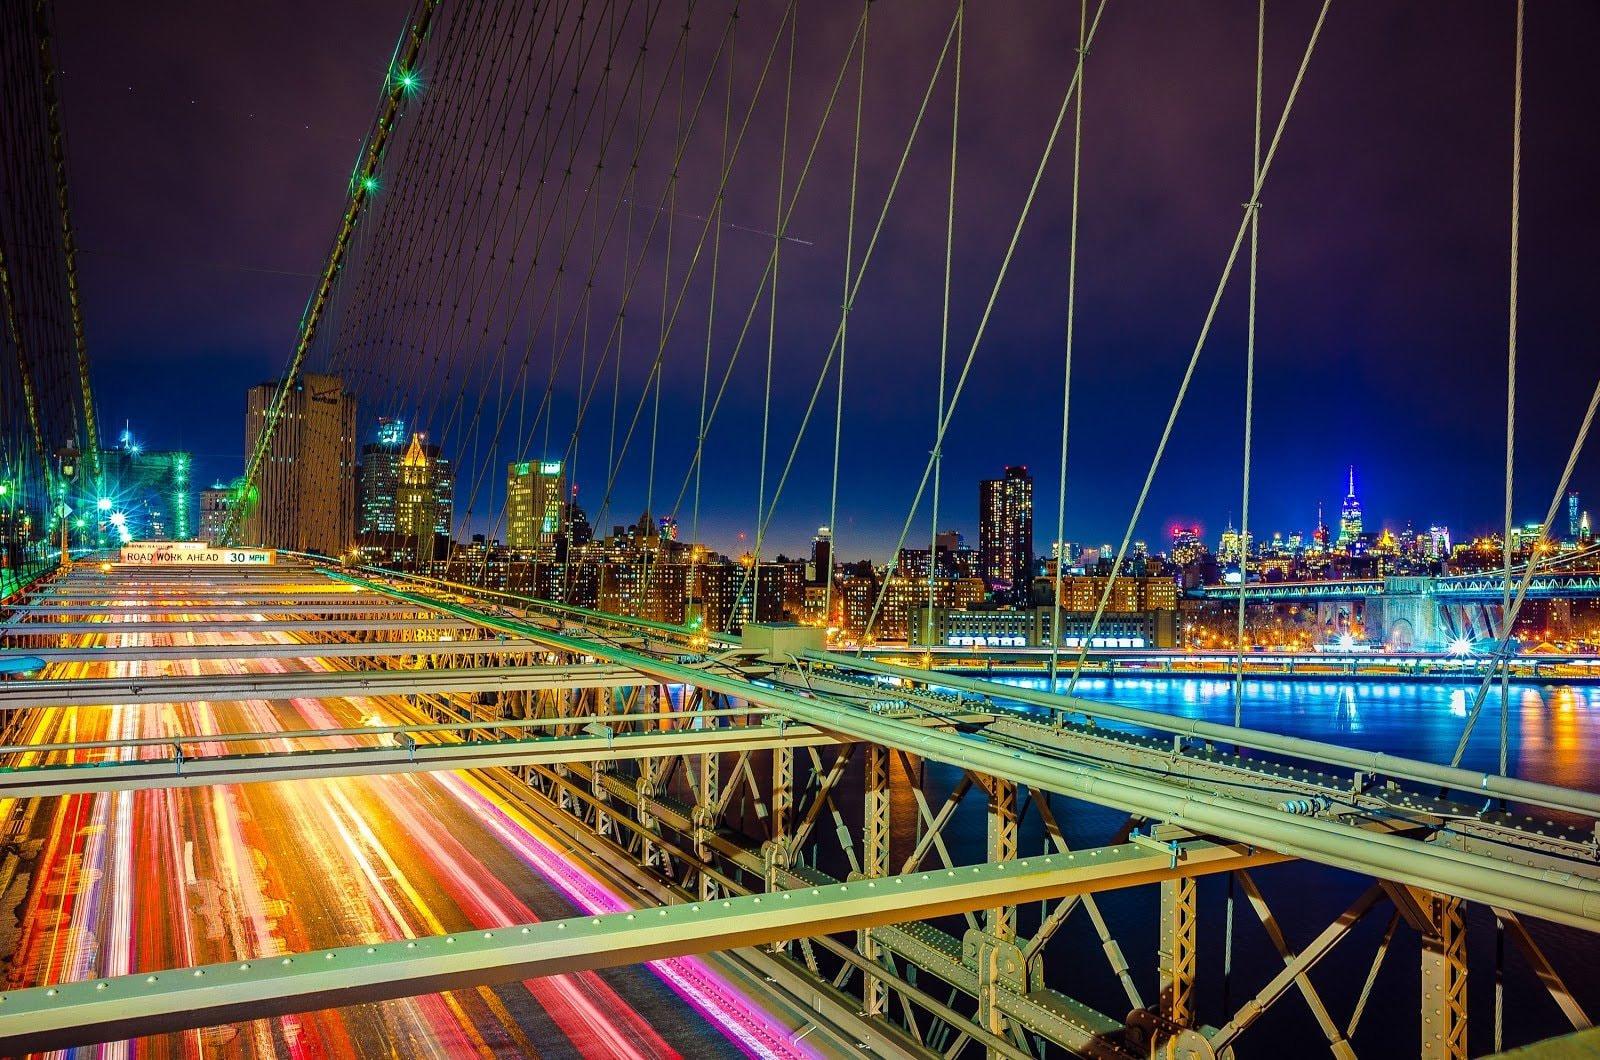 cityscape-photography-jonathan-pease